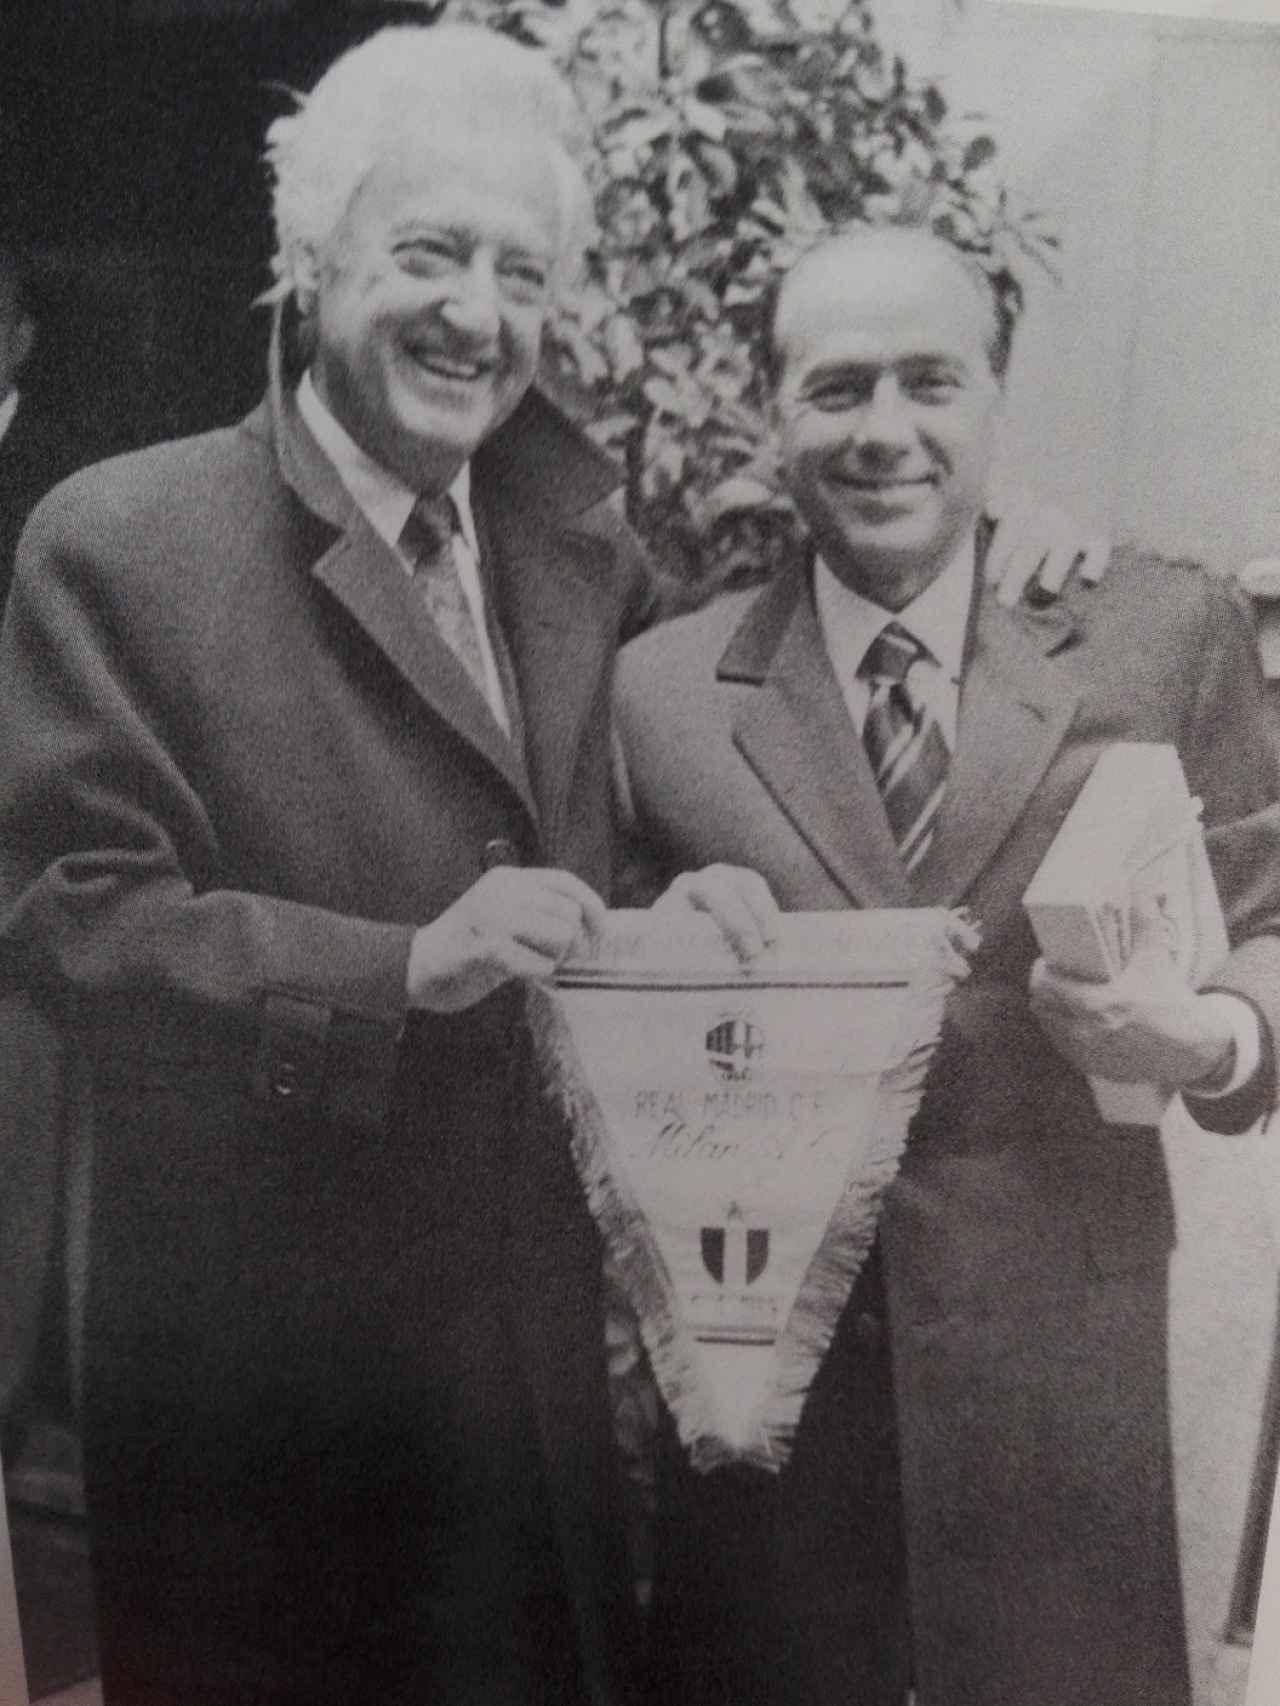 Ramón Mendoza y Silvio Berlusconi, a la sazón presidentes del Real Madrid y el AC Milán